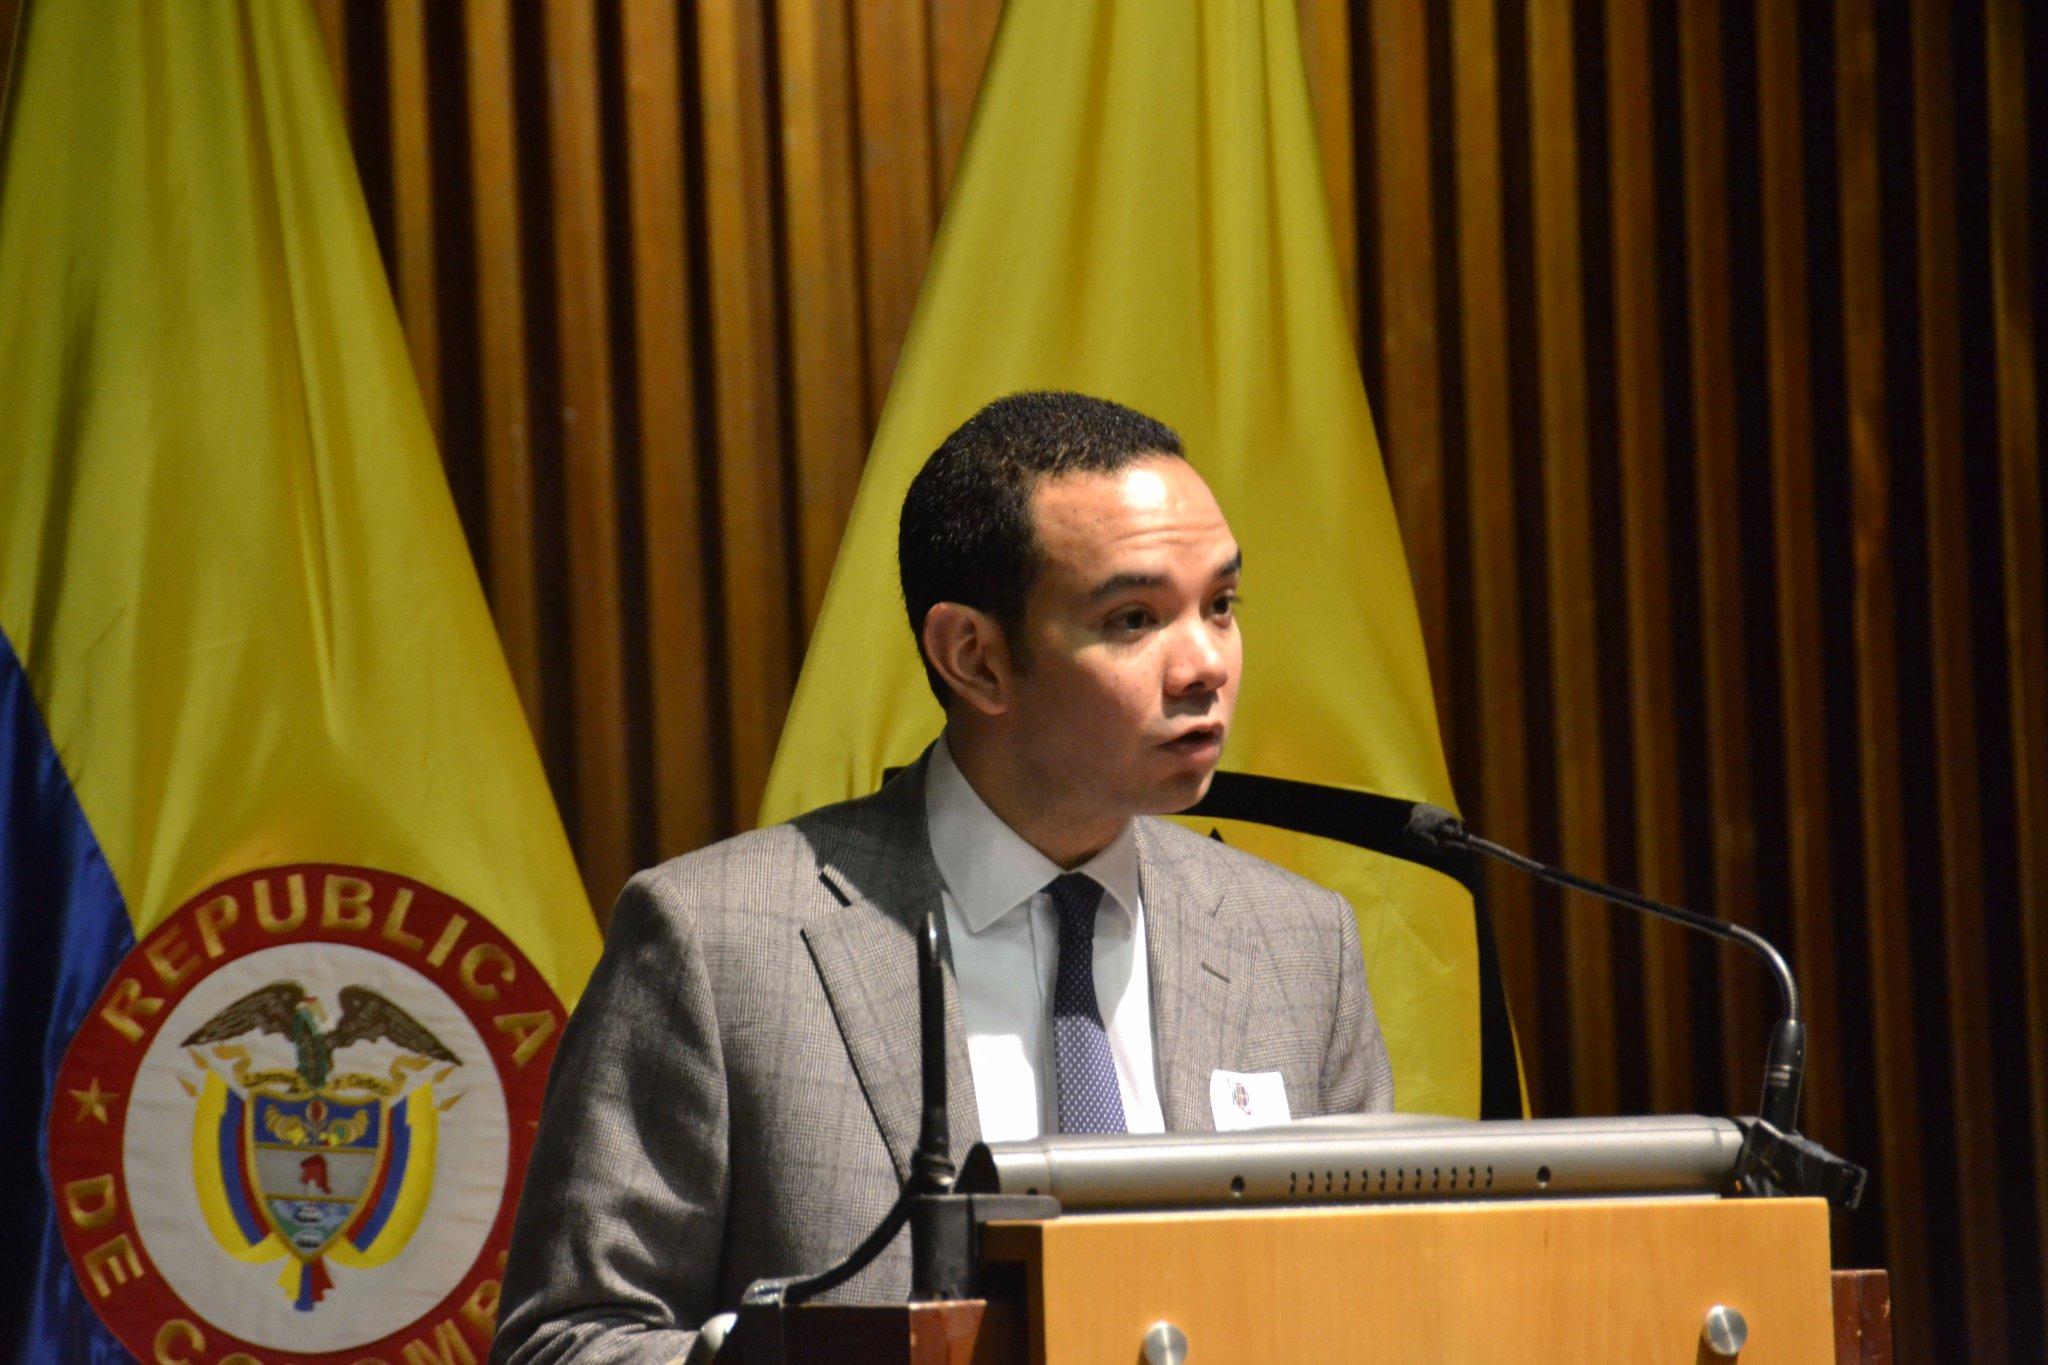 Interviene Juan Felipe Quintero, Subdirector Territorial y de Inversión Pública del @DNP_Colombia #CrecimientoVerde: https://t.co/1pnwASUUMV https://t.co/p9rOQ0Zn20